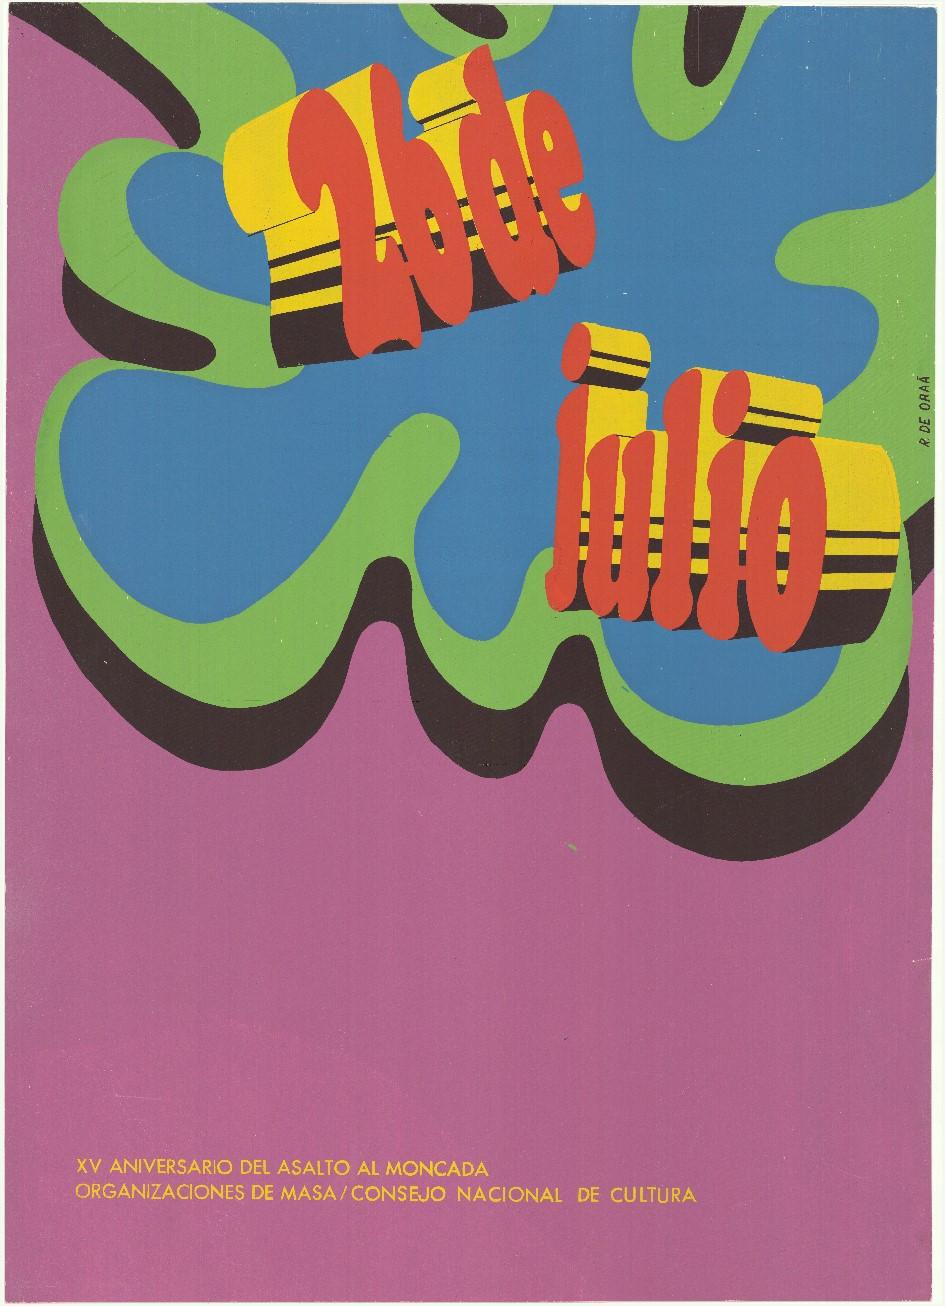 Elena Serrano, Dia del guerrillero heroico (Dag van de heldhaftige guerrillastrijder), 1968. Collectie Stedelijk Museum Amsterdam